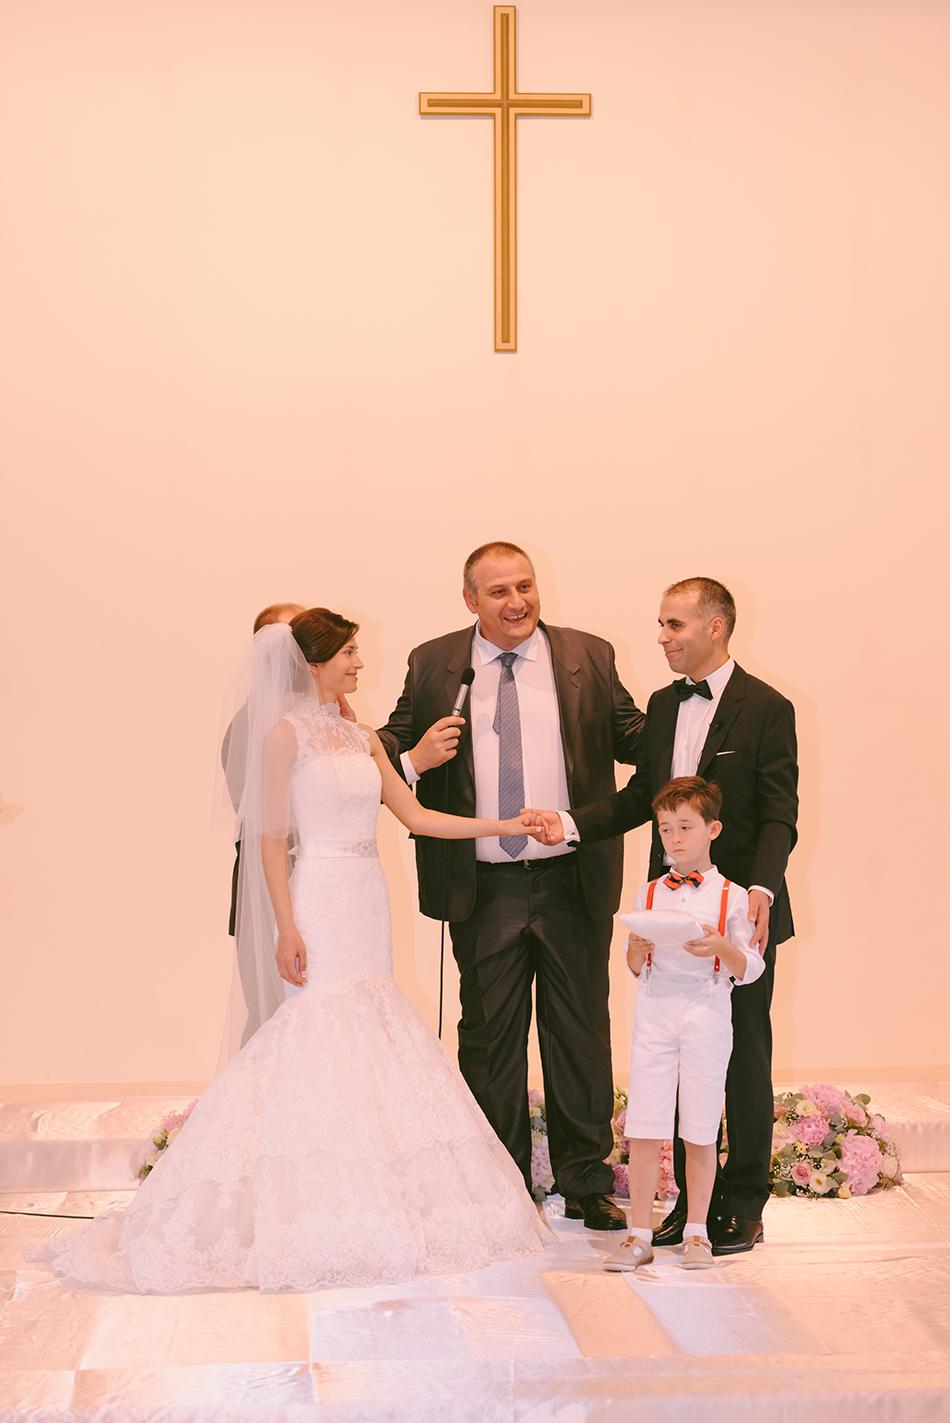 AD Passion Photography | ben-si-alla-nunta-bruxelles-photographie-de-mariage-bruxelles_0068 | Adelin, Dida, fotograf profesionist, fotograf de nunta, fotografie de nunta, fotograf Timisoara, fotograf Craiova, fotograf Bucuresti, fotograf Arad, nunta Timisoara, nunta Arad, nunta Bucuresti, nunta Craiova